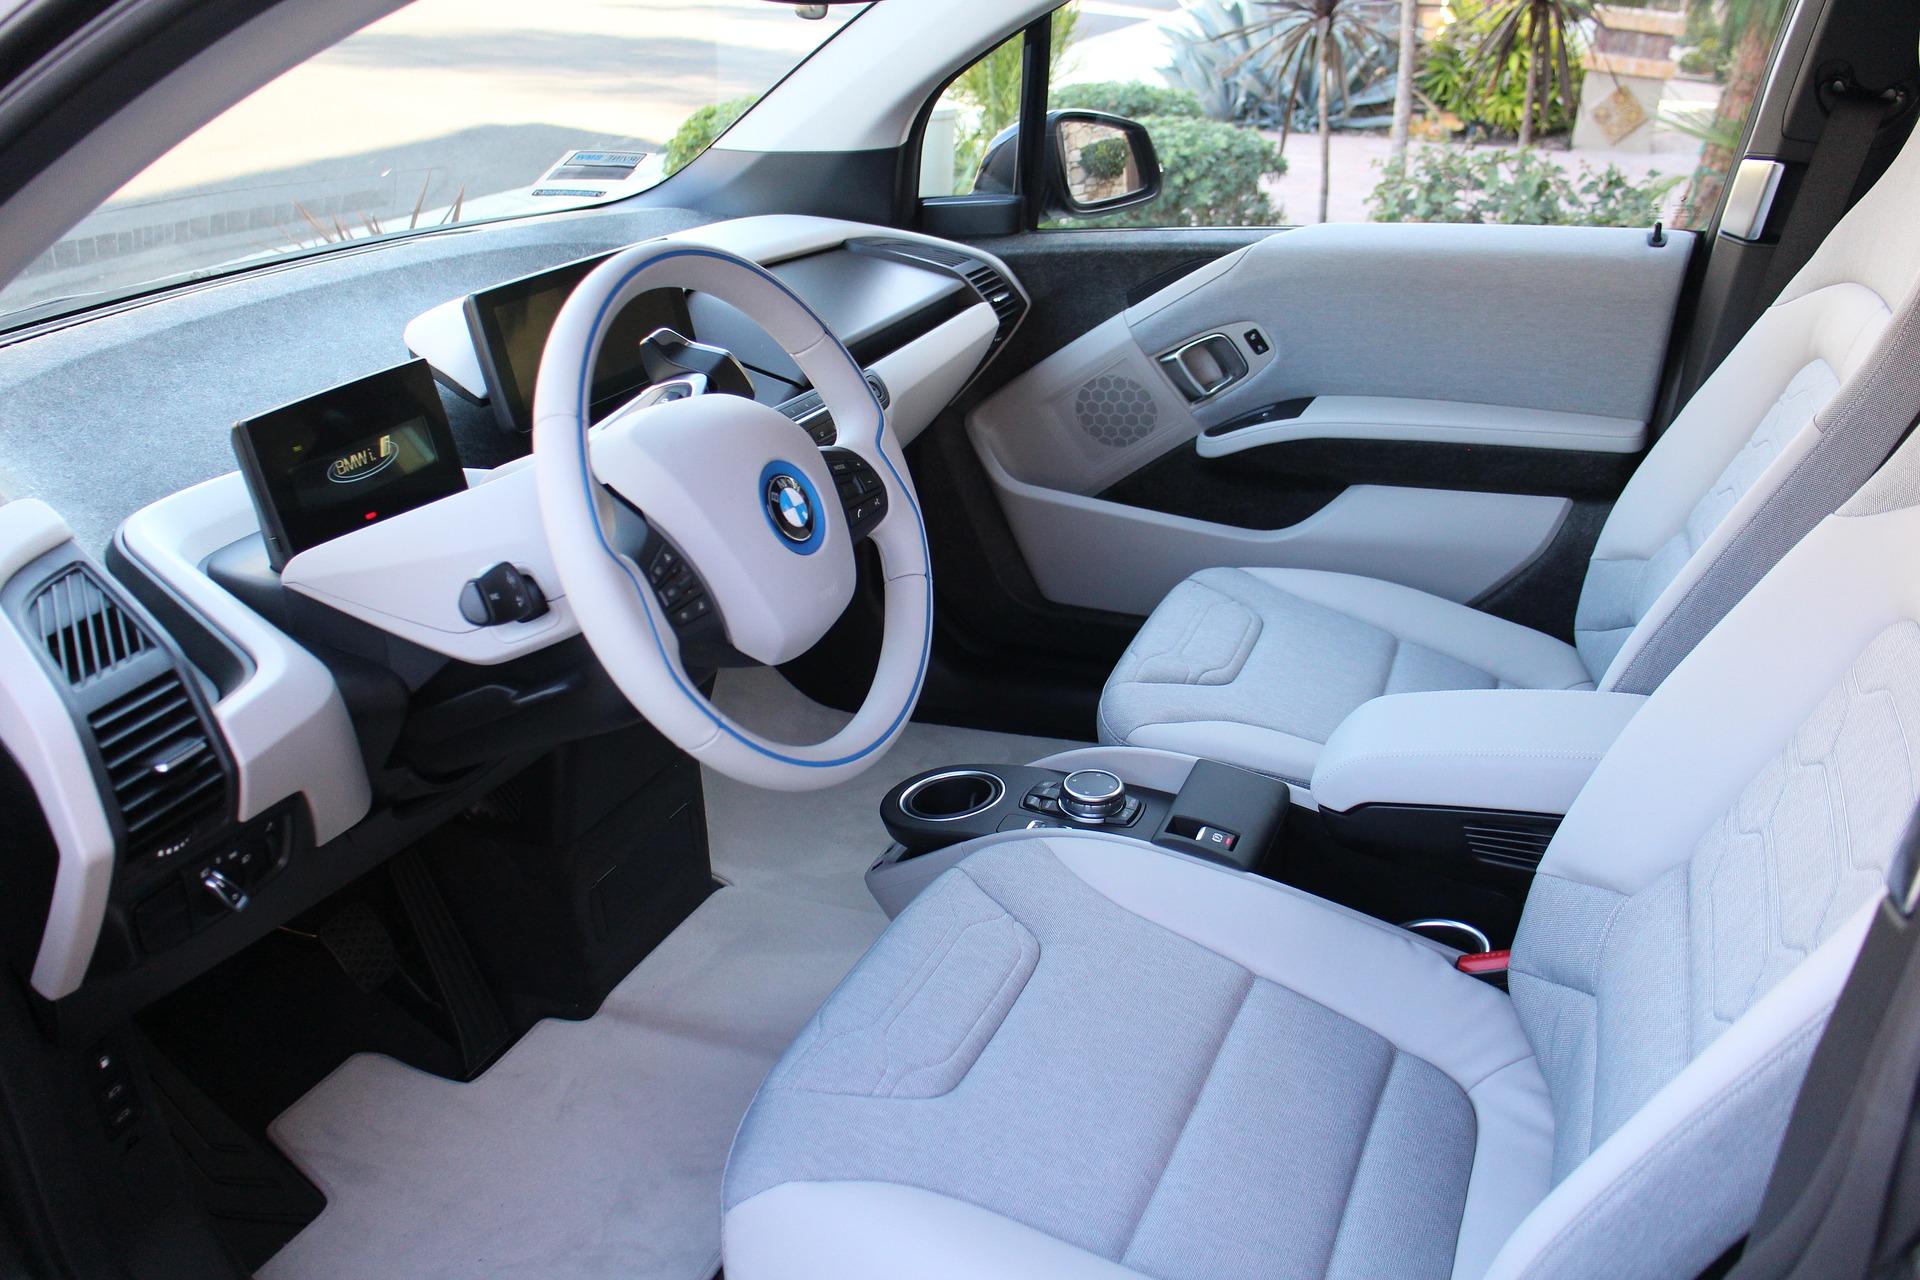 Foto da parte interna de um carro, todo branco, com bancos e painel. Imagem ilustrativa para o texto sujeiras comuns em carros.